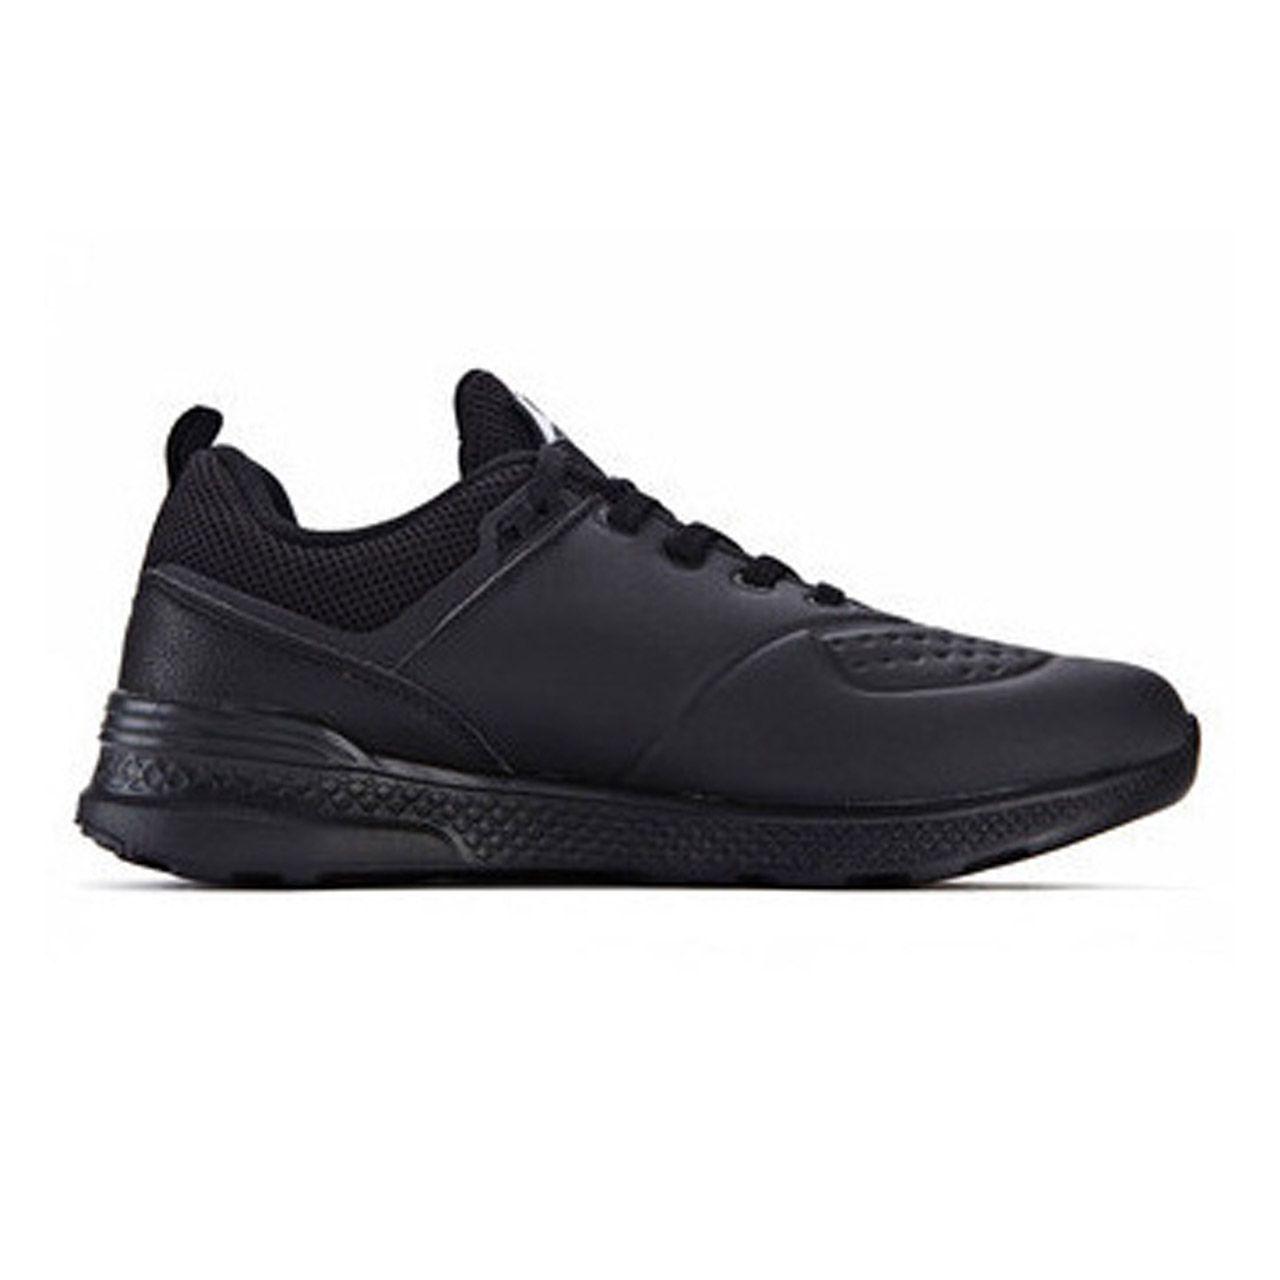 کفش مخصوص پیاده روی مردانه 361 درجه مدل W571842239-4 -  - 4